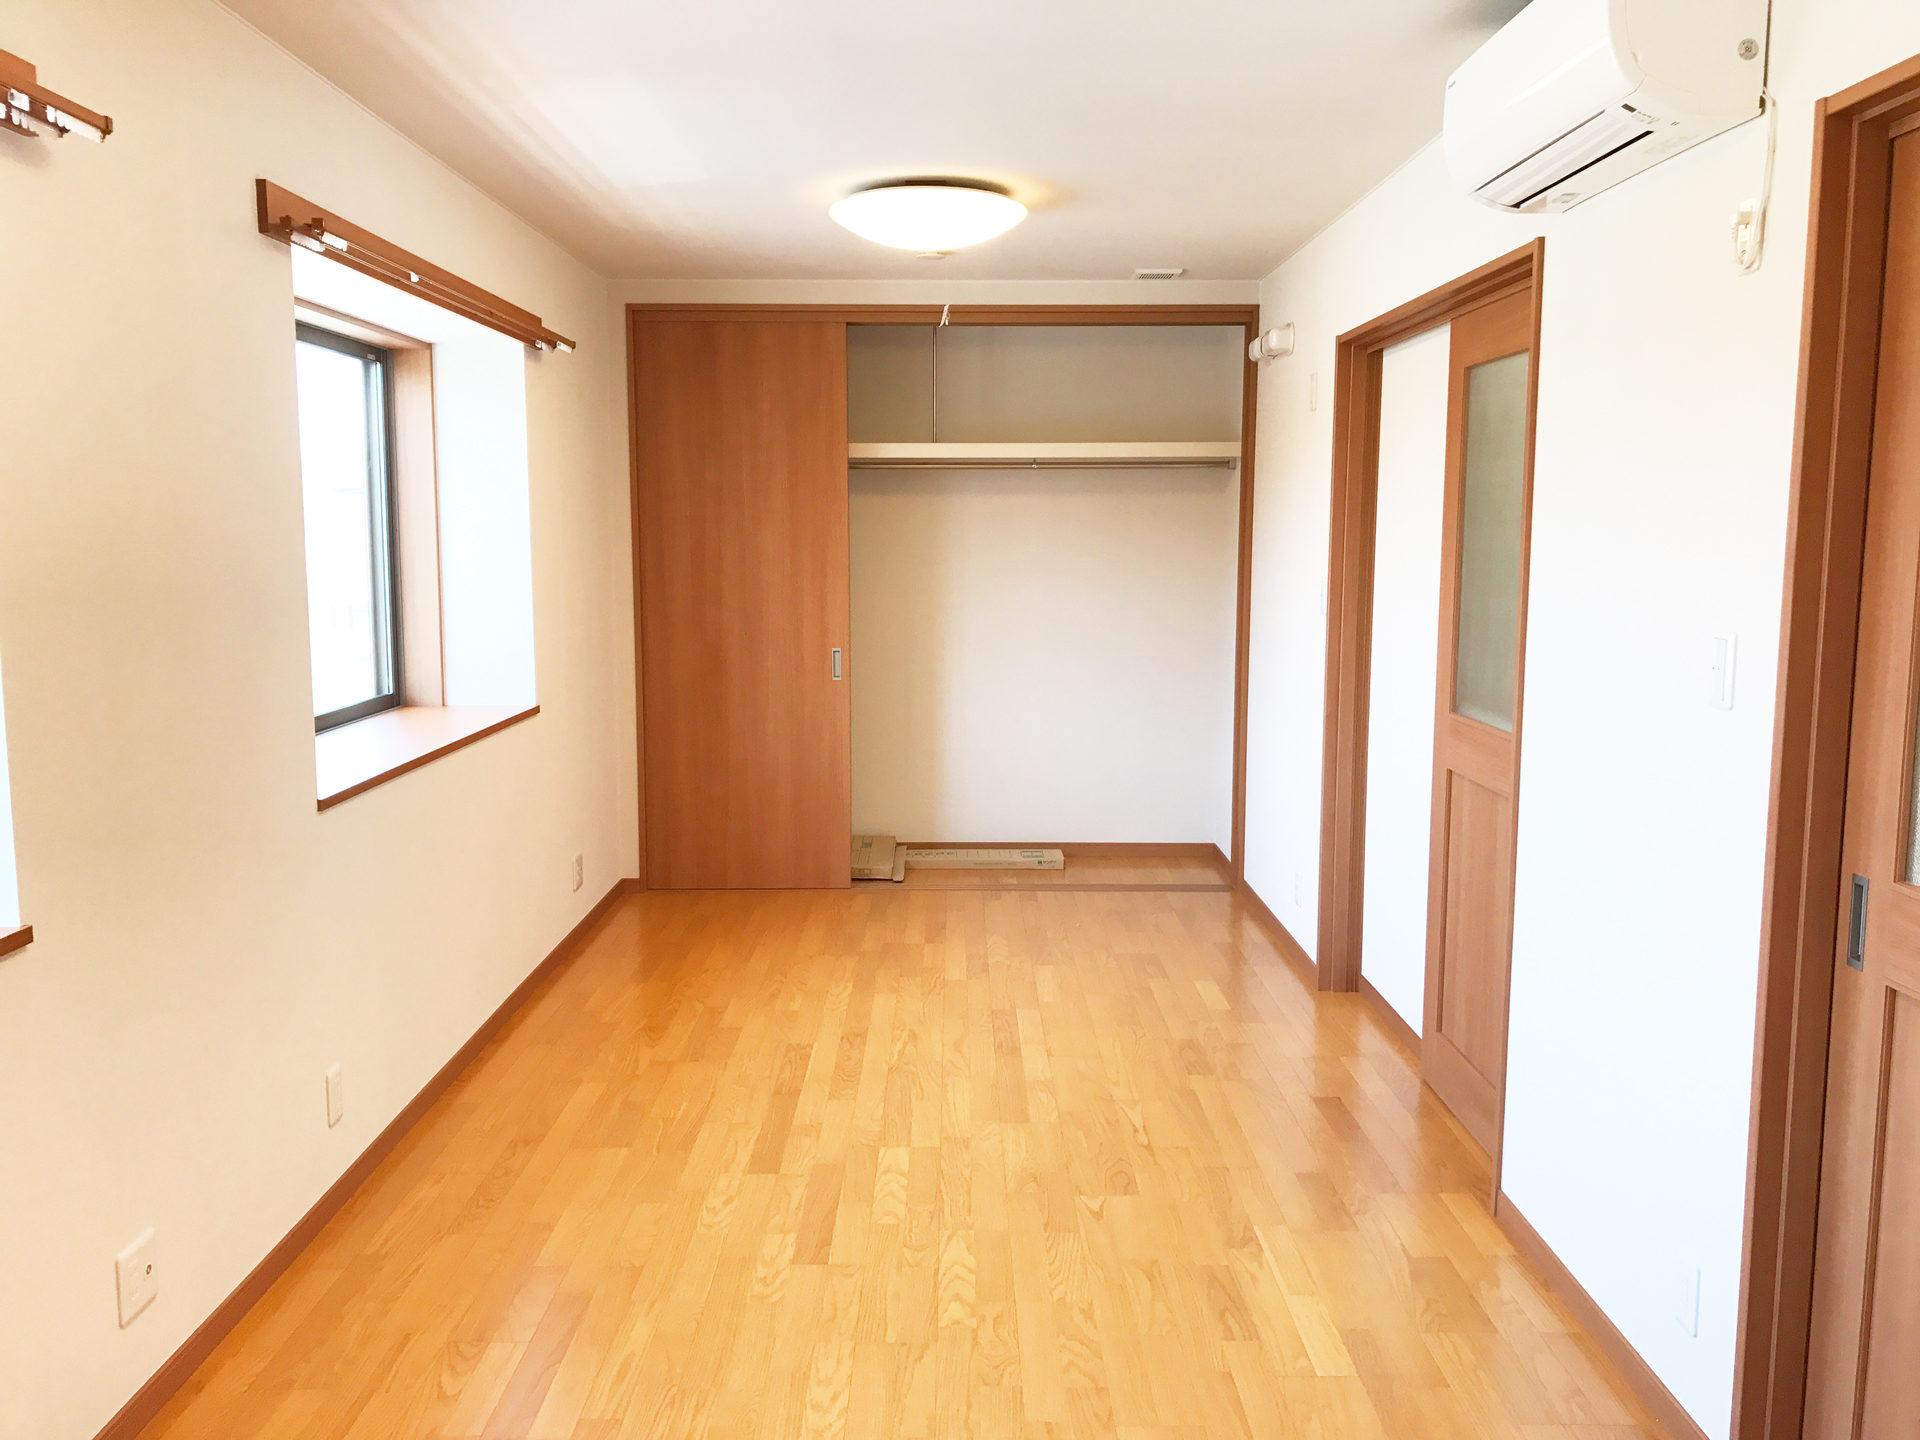 設計・デザインをした店舗(鍼灸接骨院)付き住宅の子供部屋内クロゼット